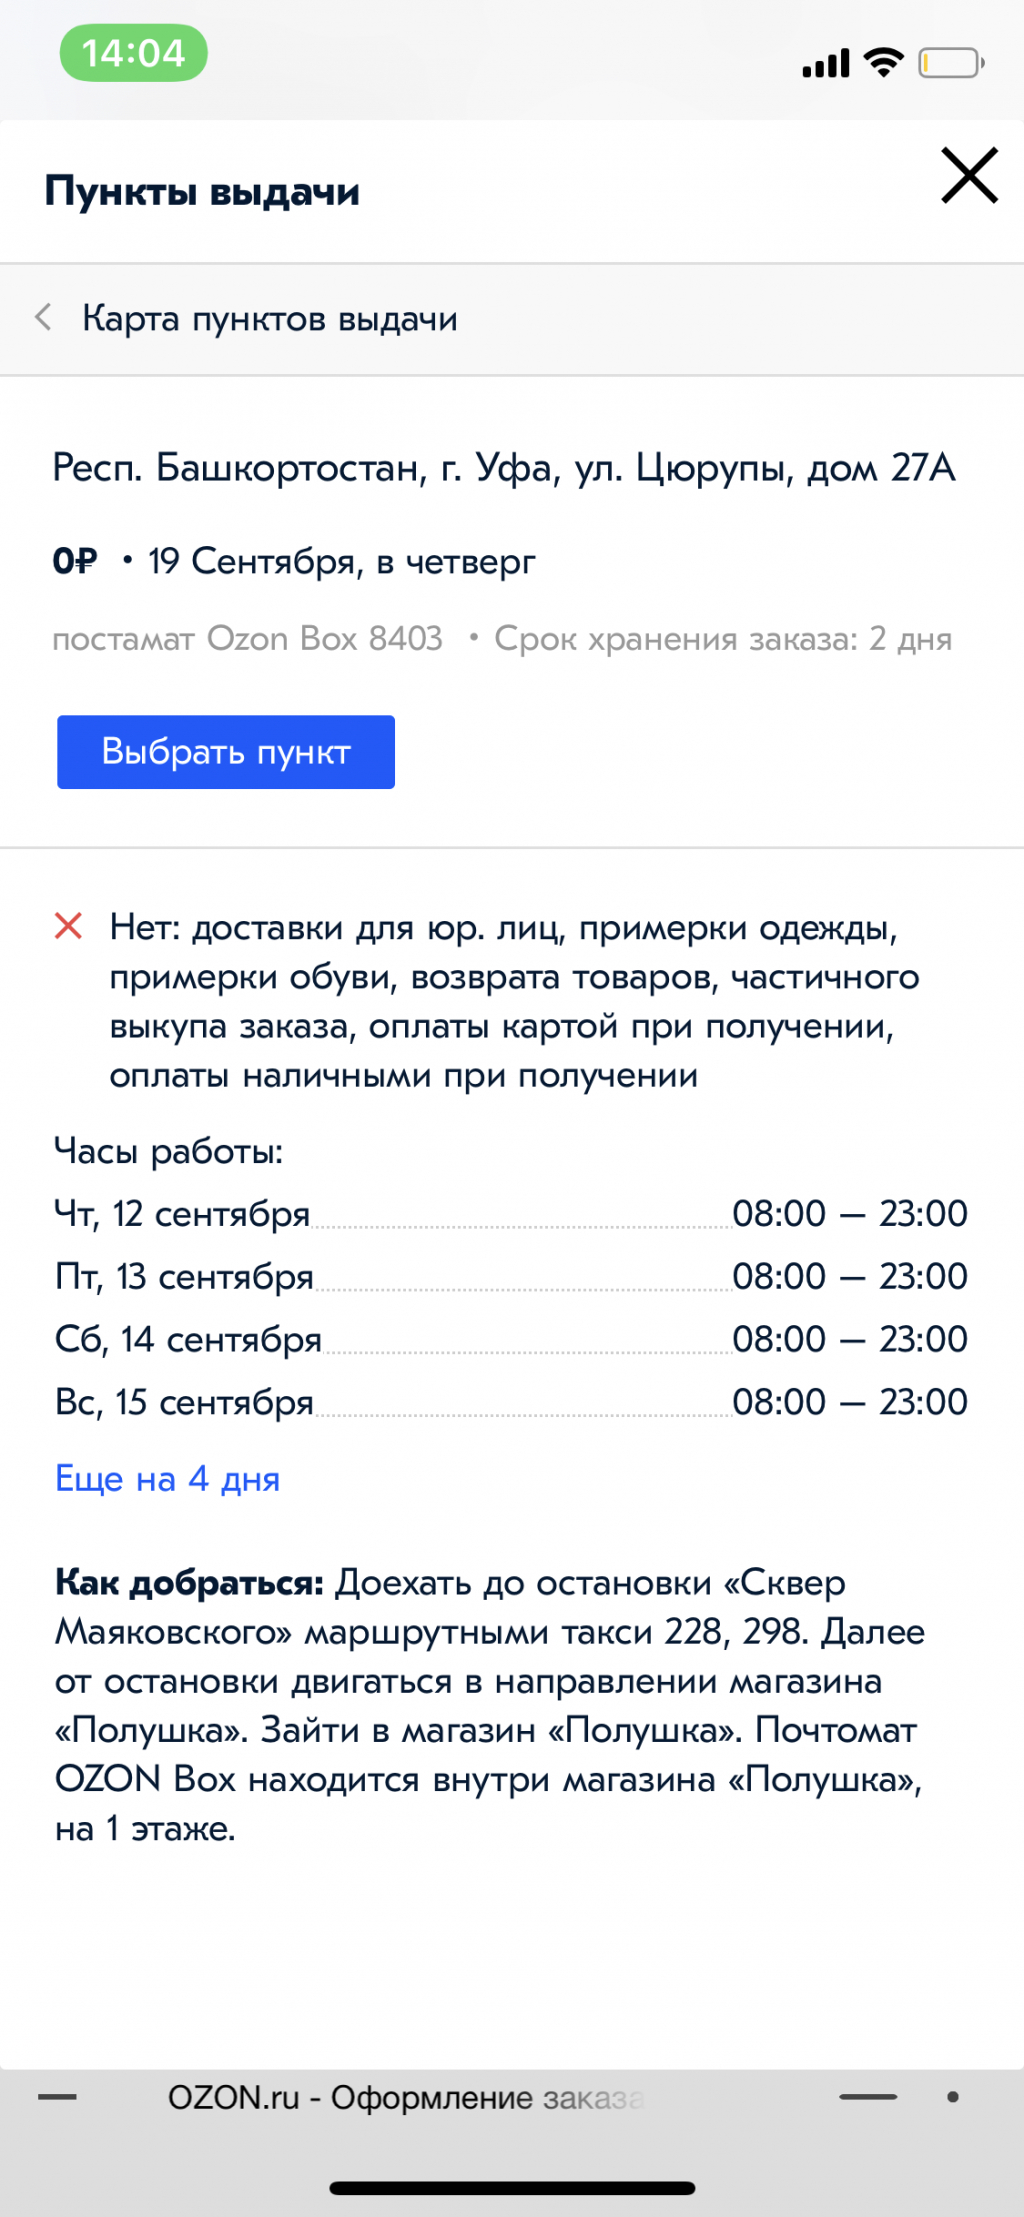 OZON.ru - Отвратительная служба доставки